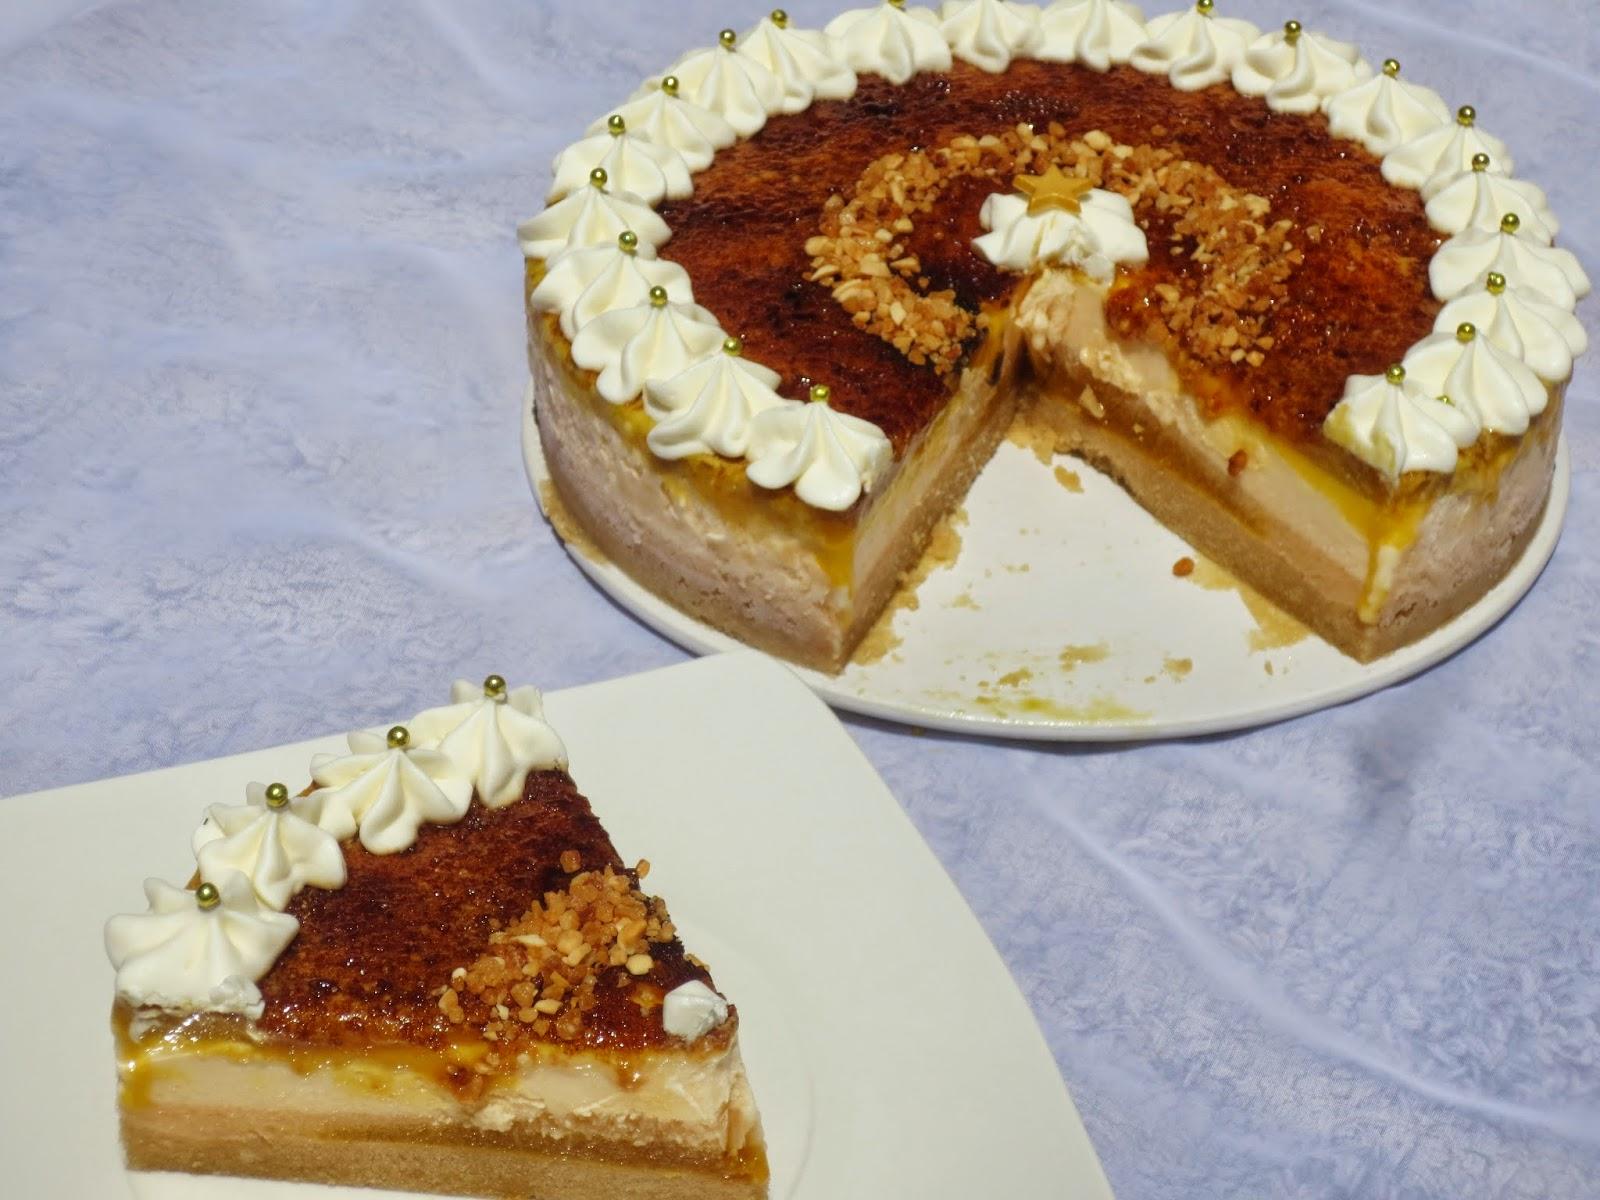 Tarta helada de whisky Ana Sevilla cocina tradicional